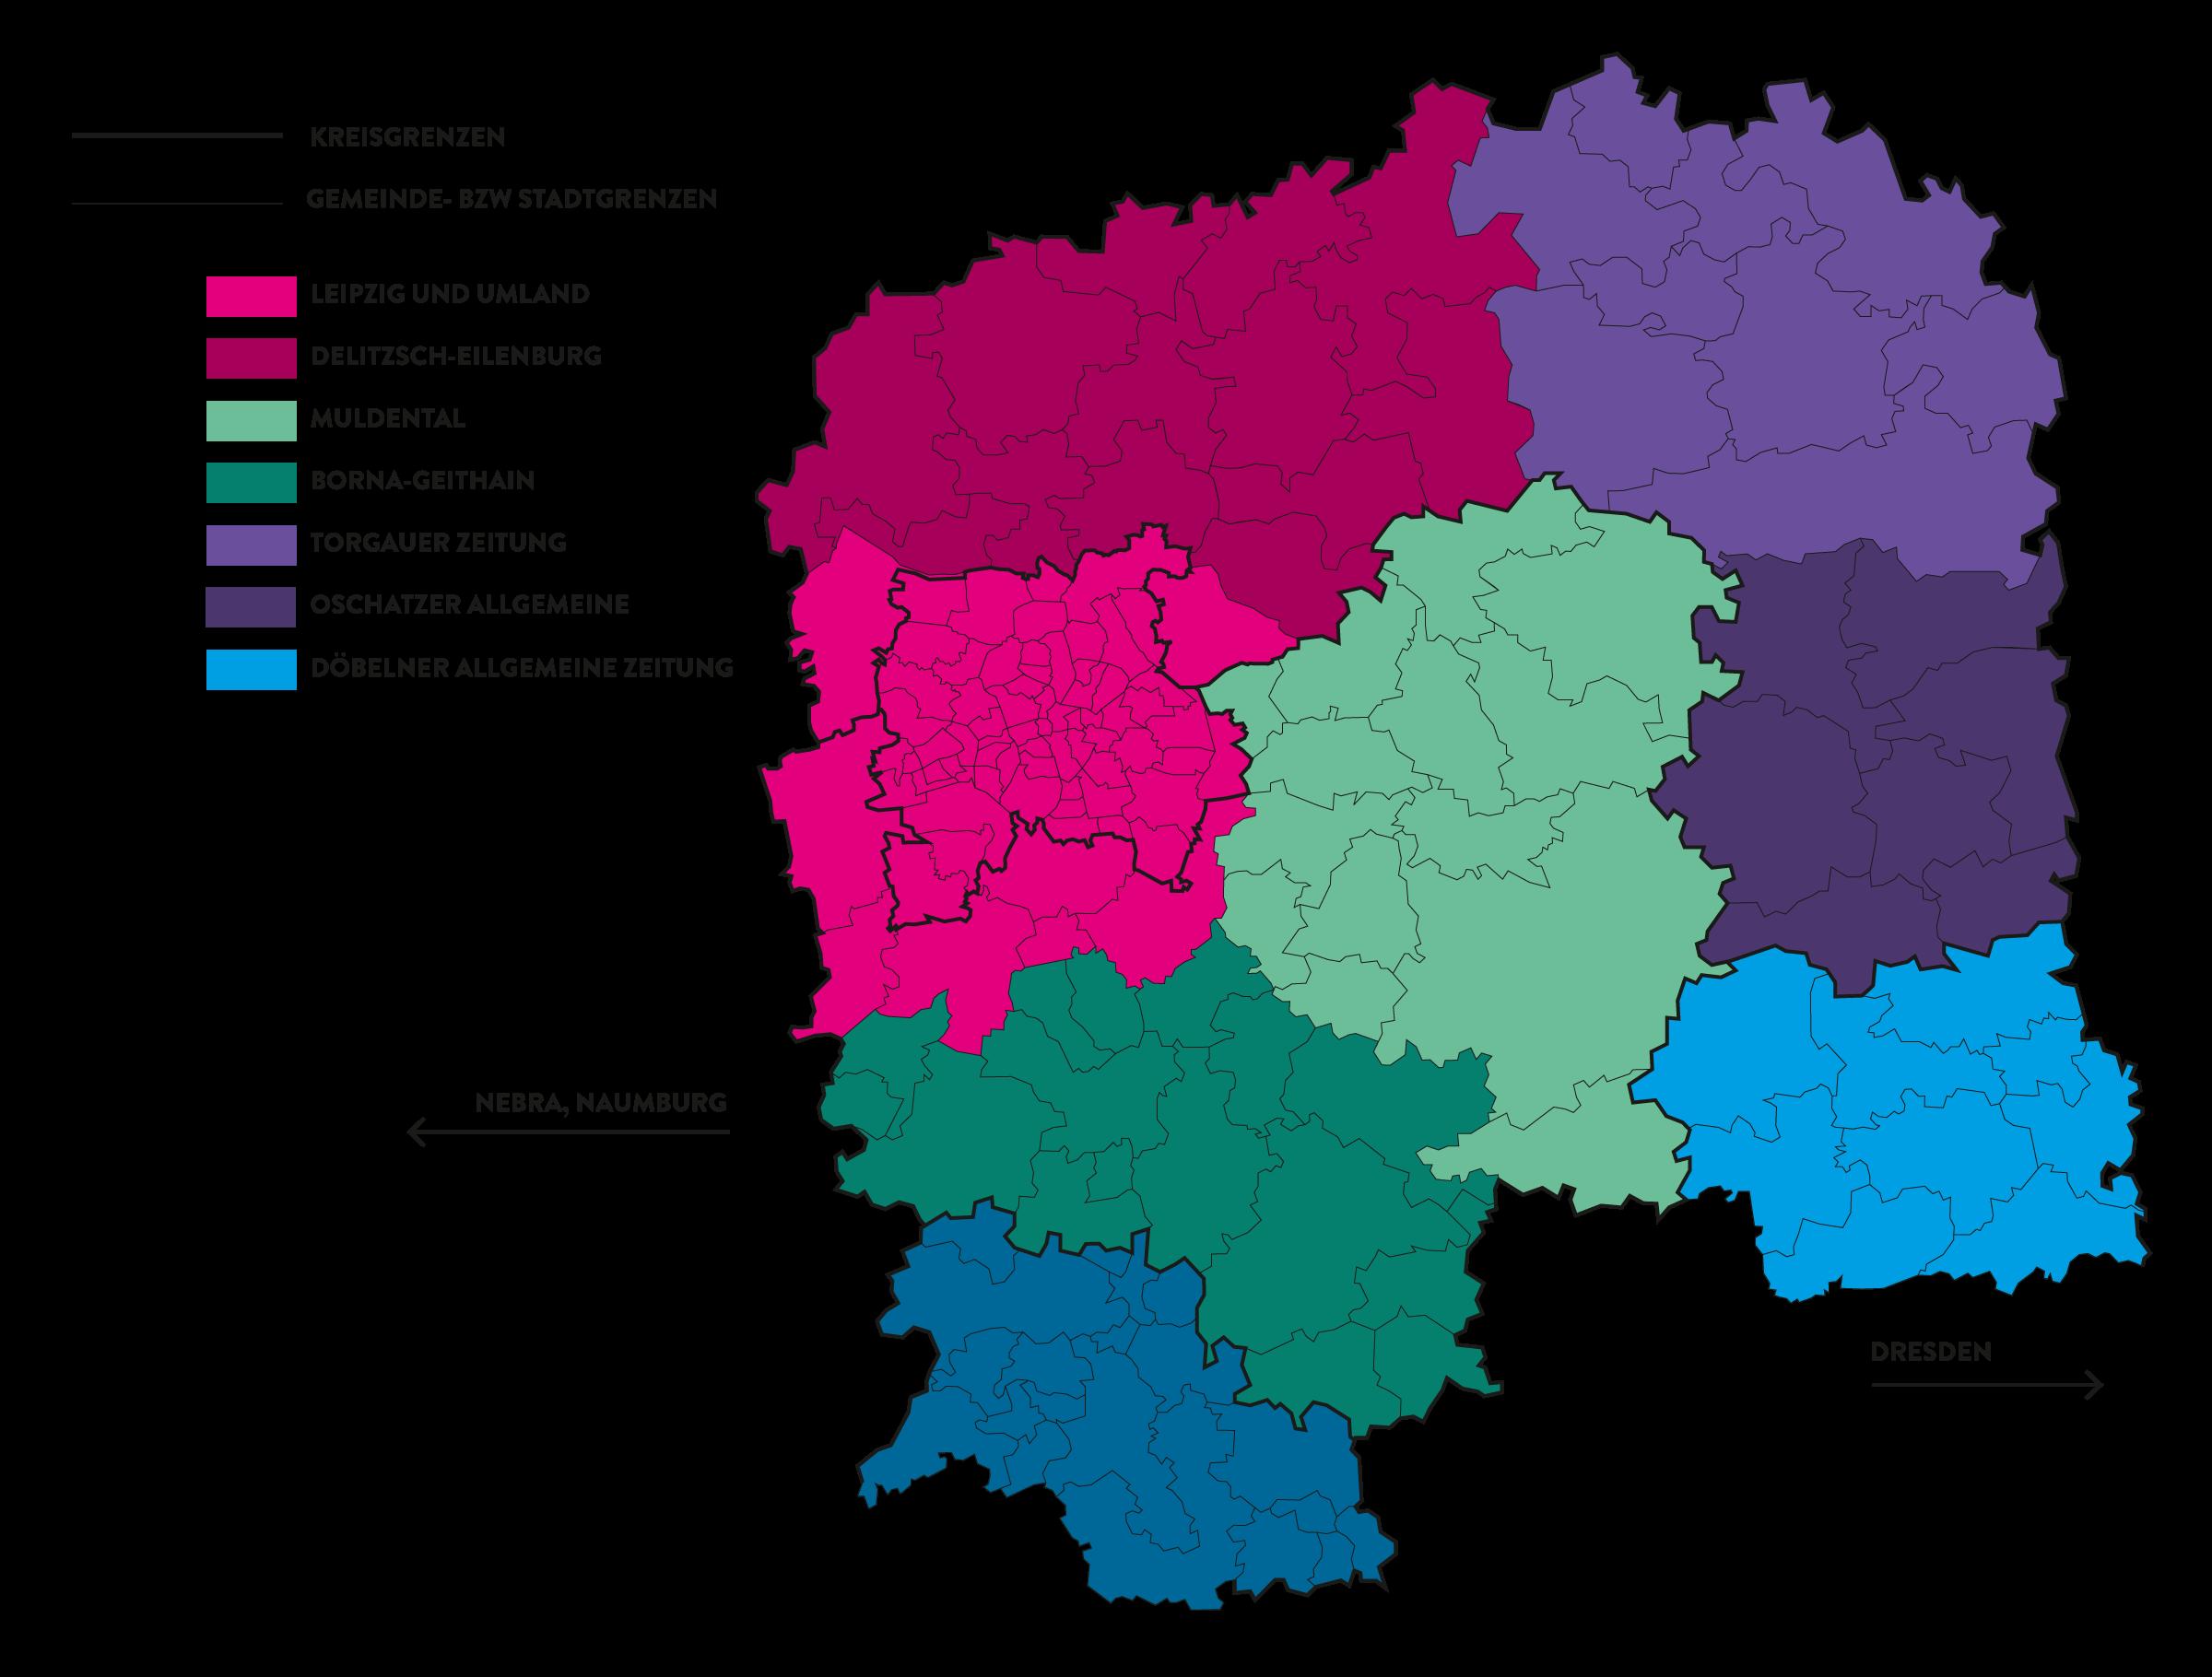 LEIPZIG-MEDIA_Verbreitungsgebiet_Stadt-und-Kreisgebiet